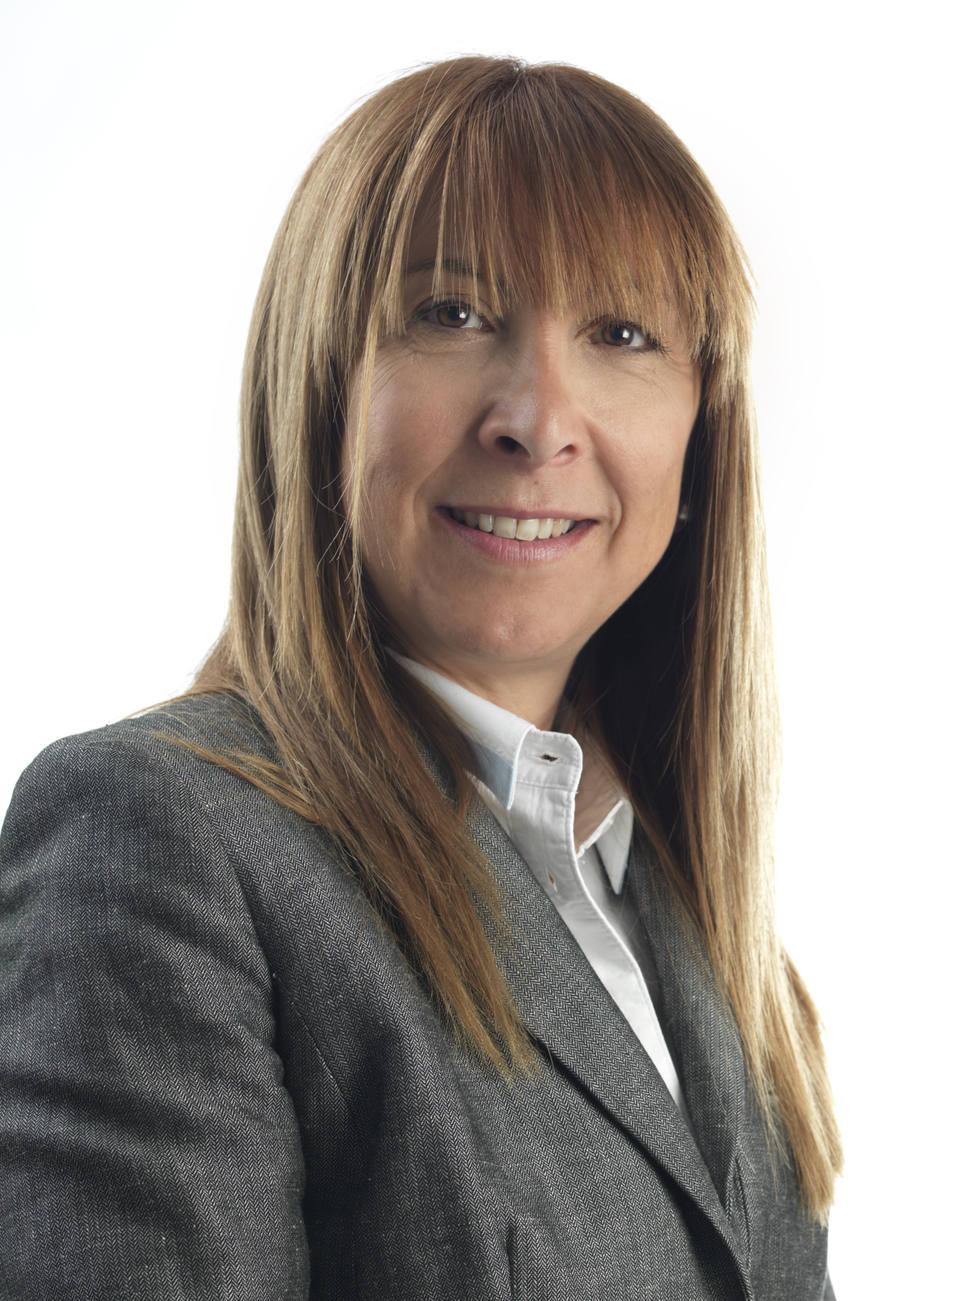 Berta Fernández